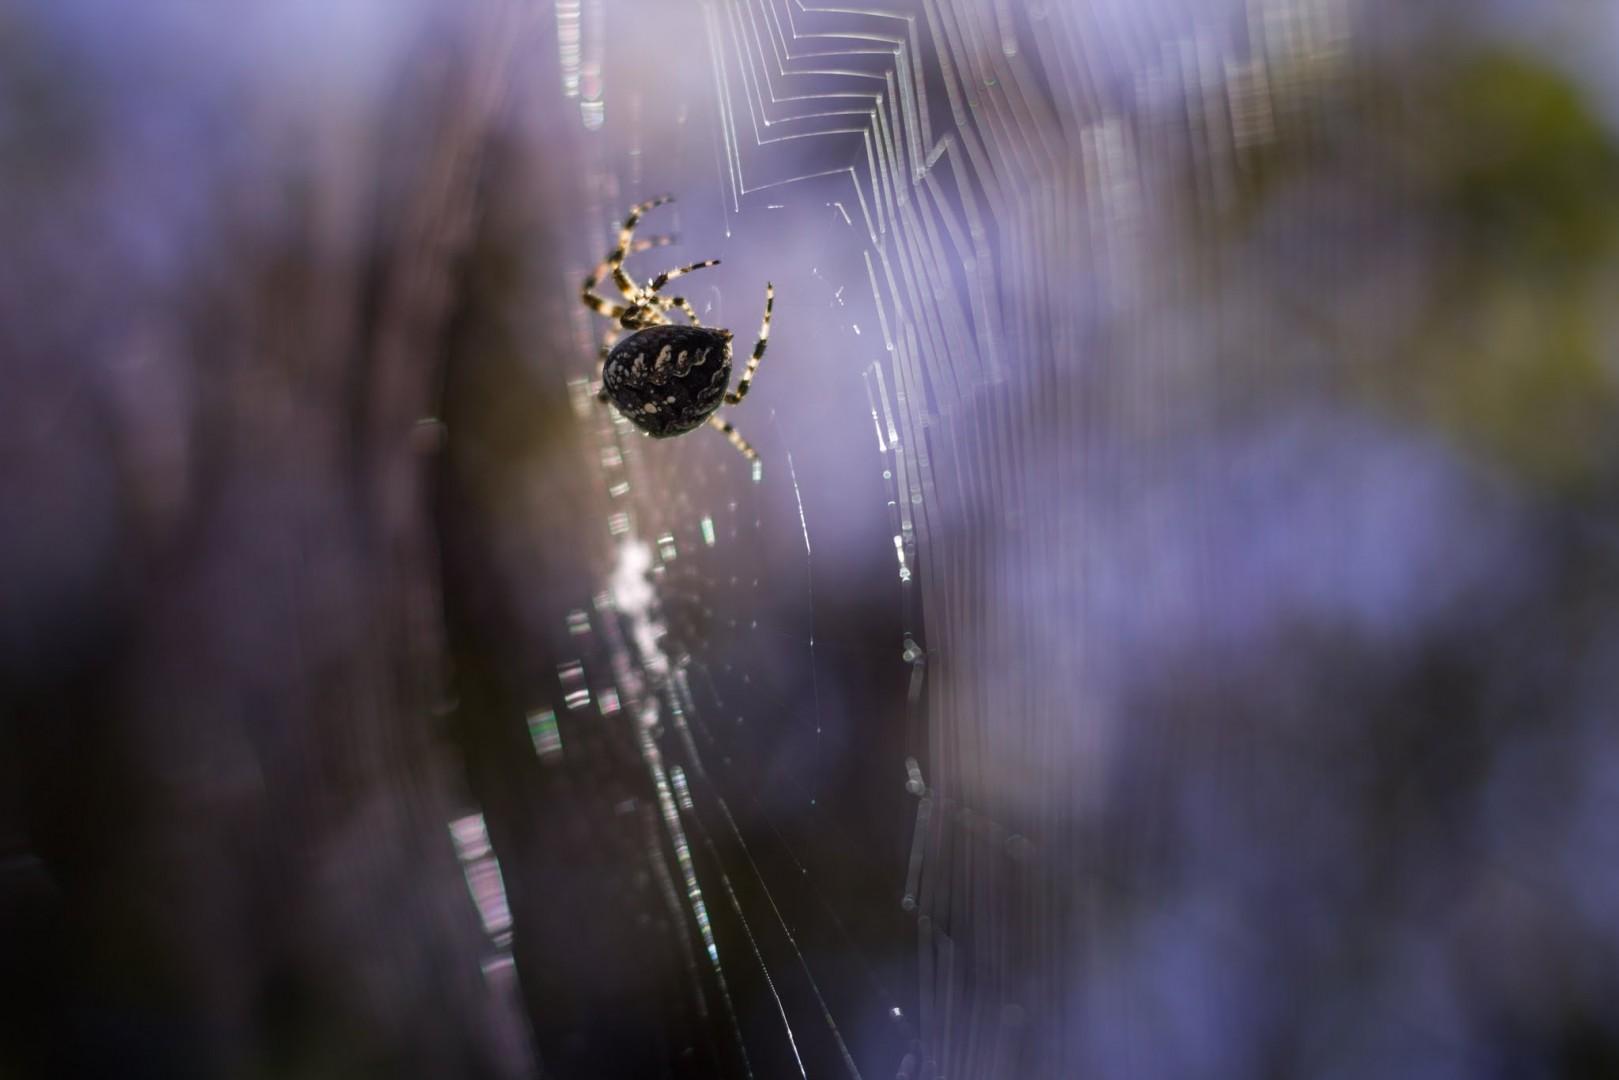 Spinne Nahaufnahme, Unscharfer Hintergrund, Bokeh